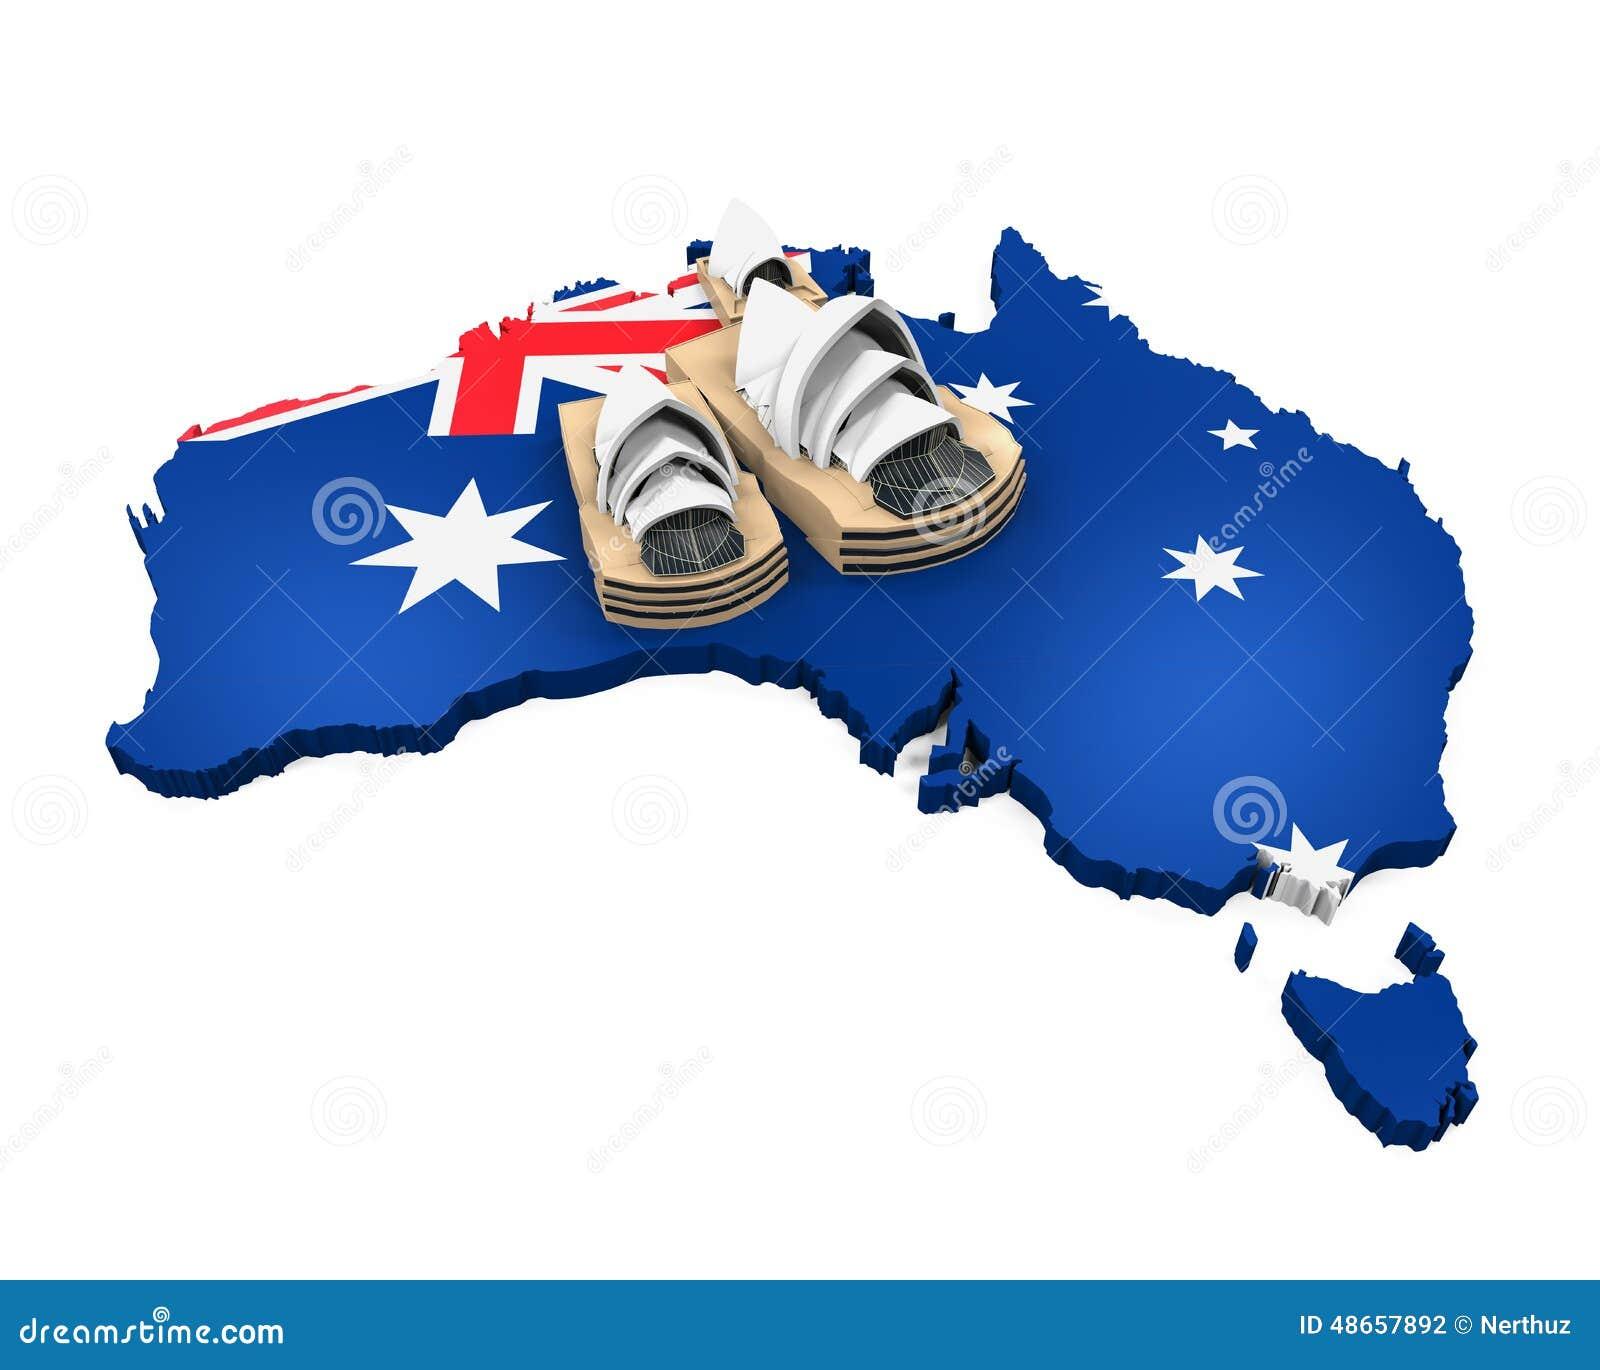 在白色背景隔绝的澳大利亚和悉尼歌剧院地图 3d回报.图片